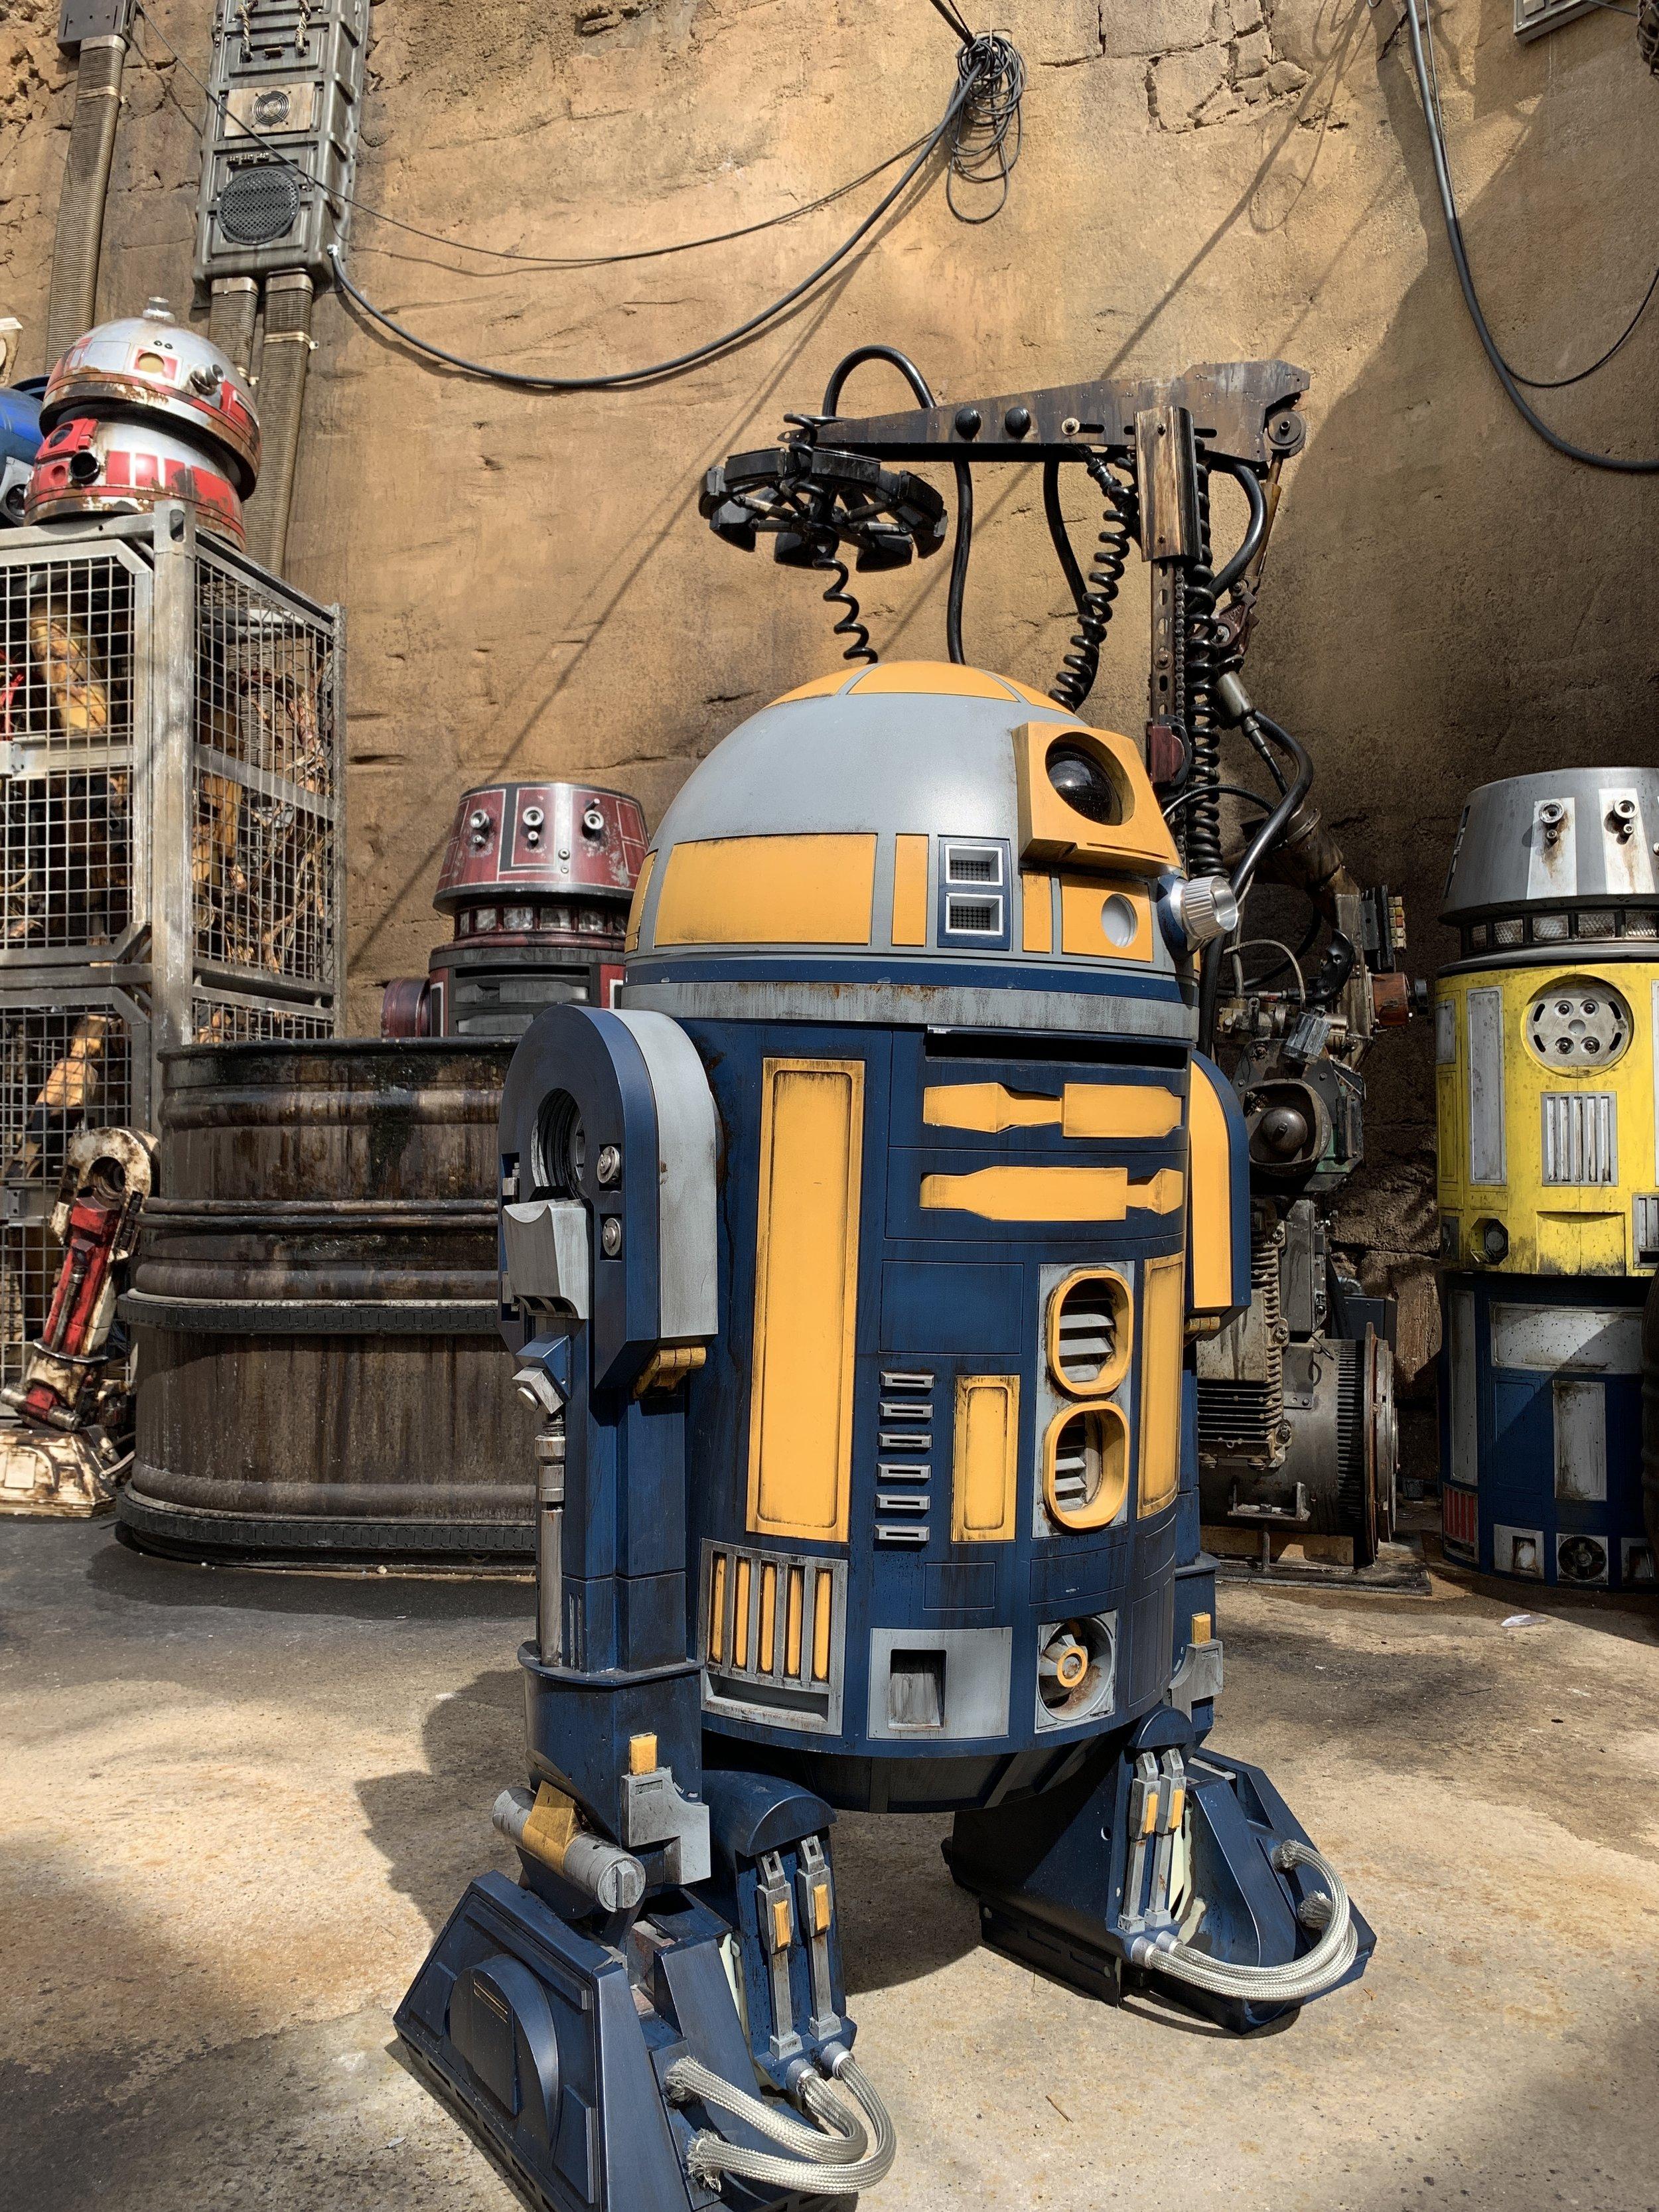 An assortment of droids near the depot.